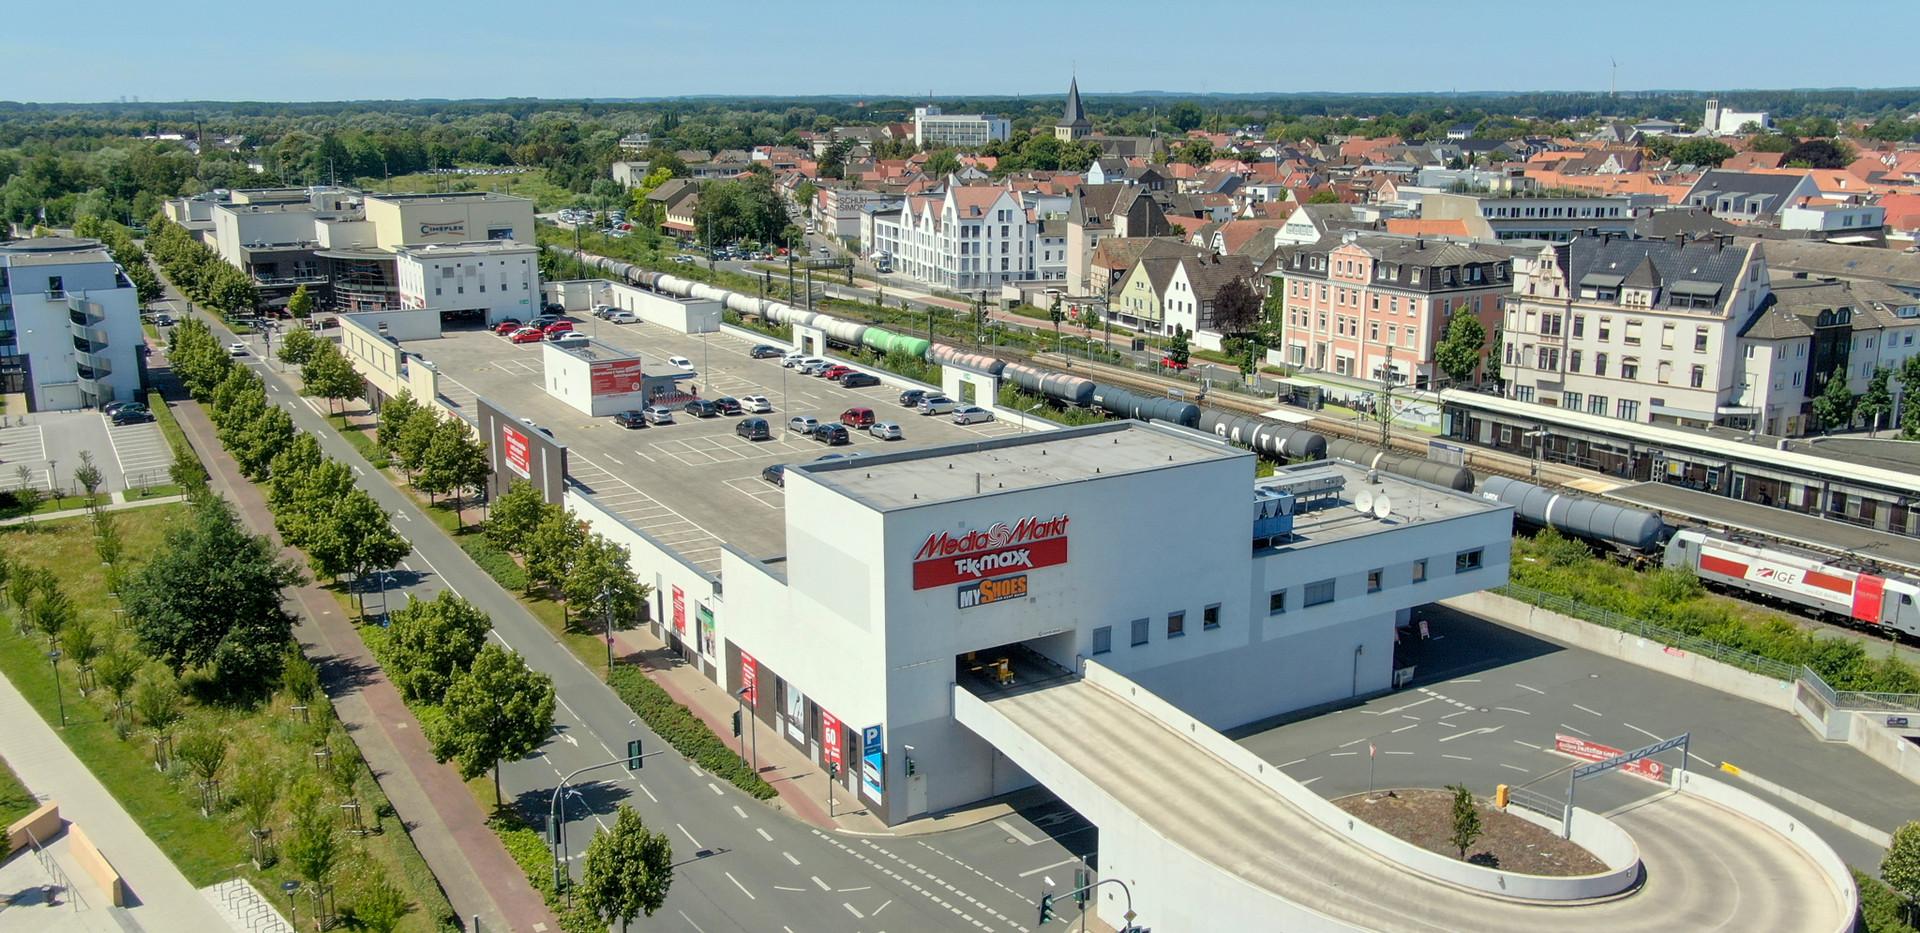 Südertor_Lippstadt_(12).jpg